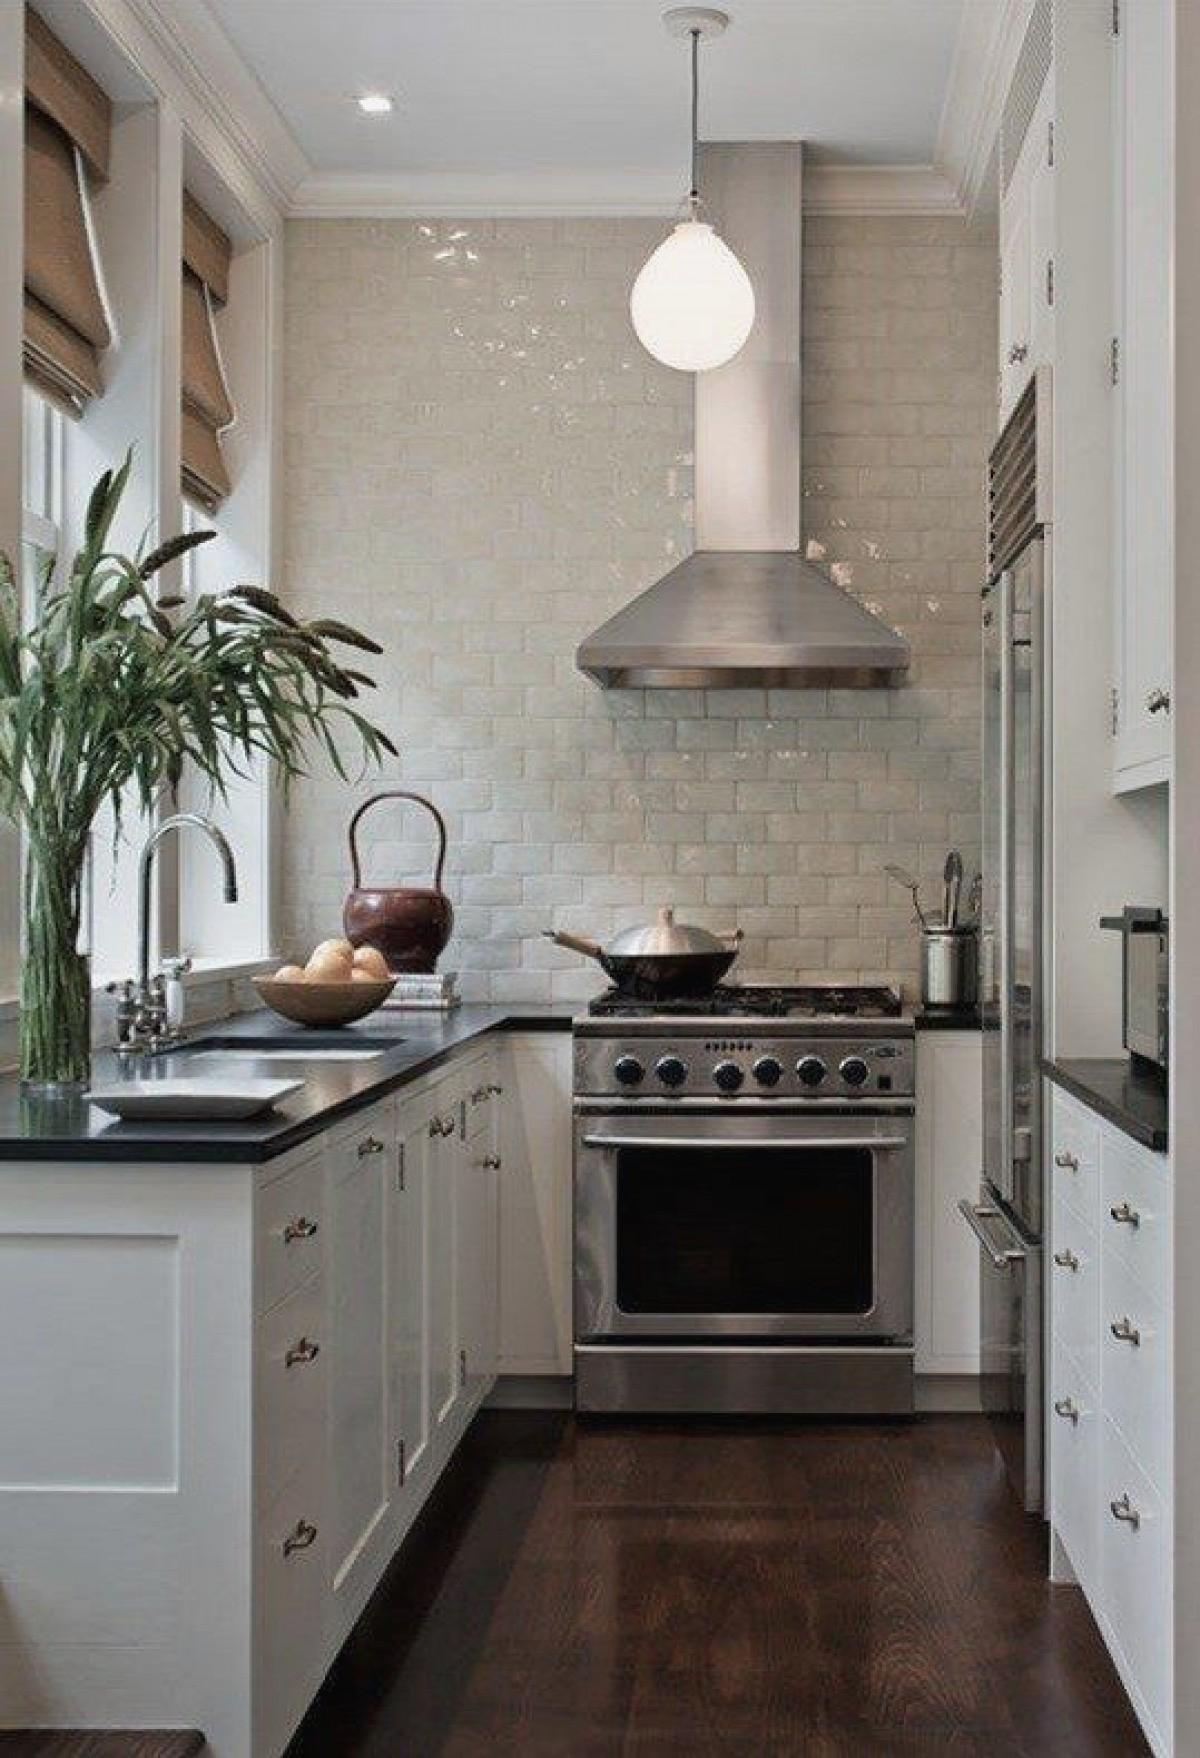 дизайн малогабаритной кухни ретро модерн